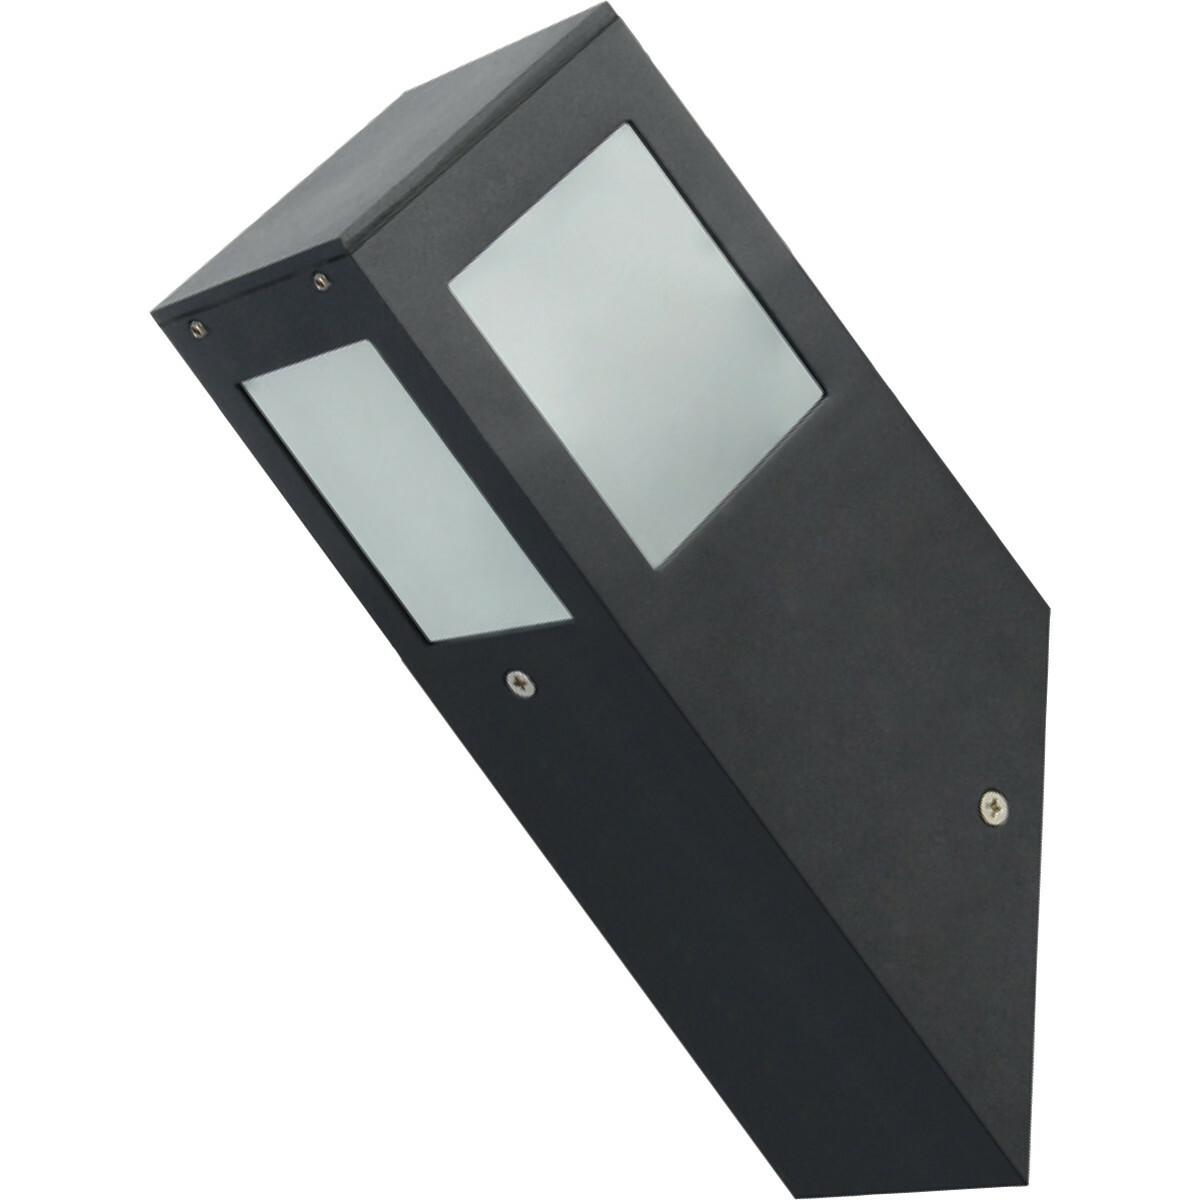 PHILIPS - LED Tuinverlichting - Wandlamp Buiten - CorePro LEDbulb 827 A60 - Kavy 1 - E27 Fitting - 5